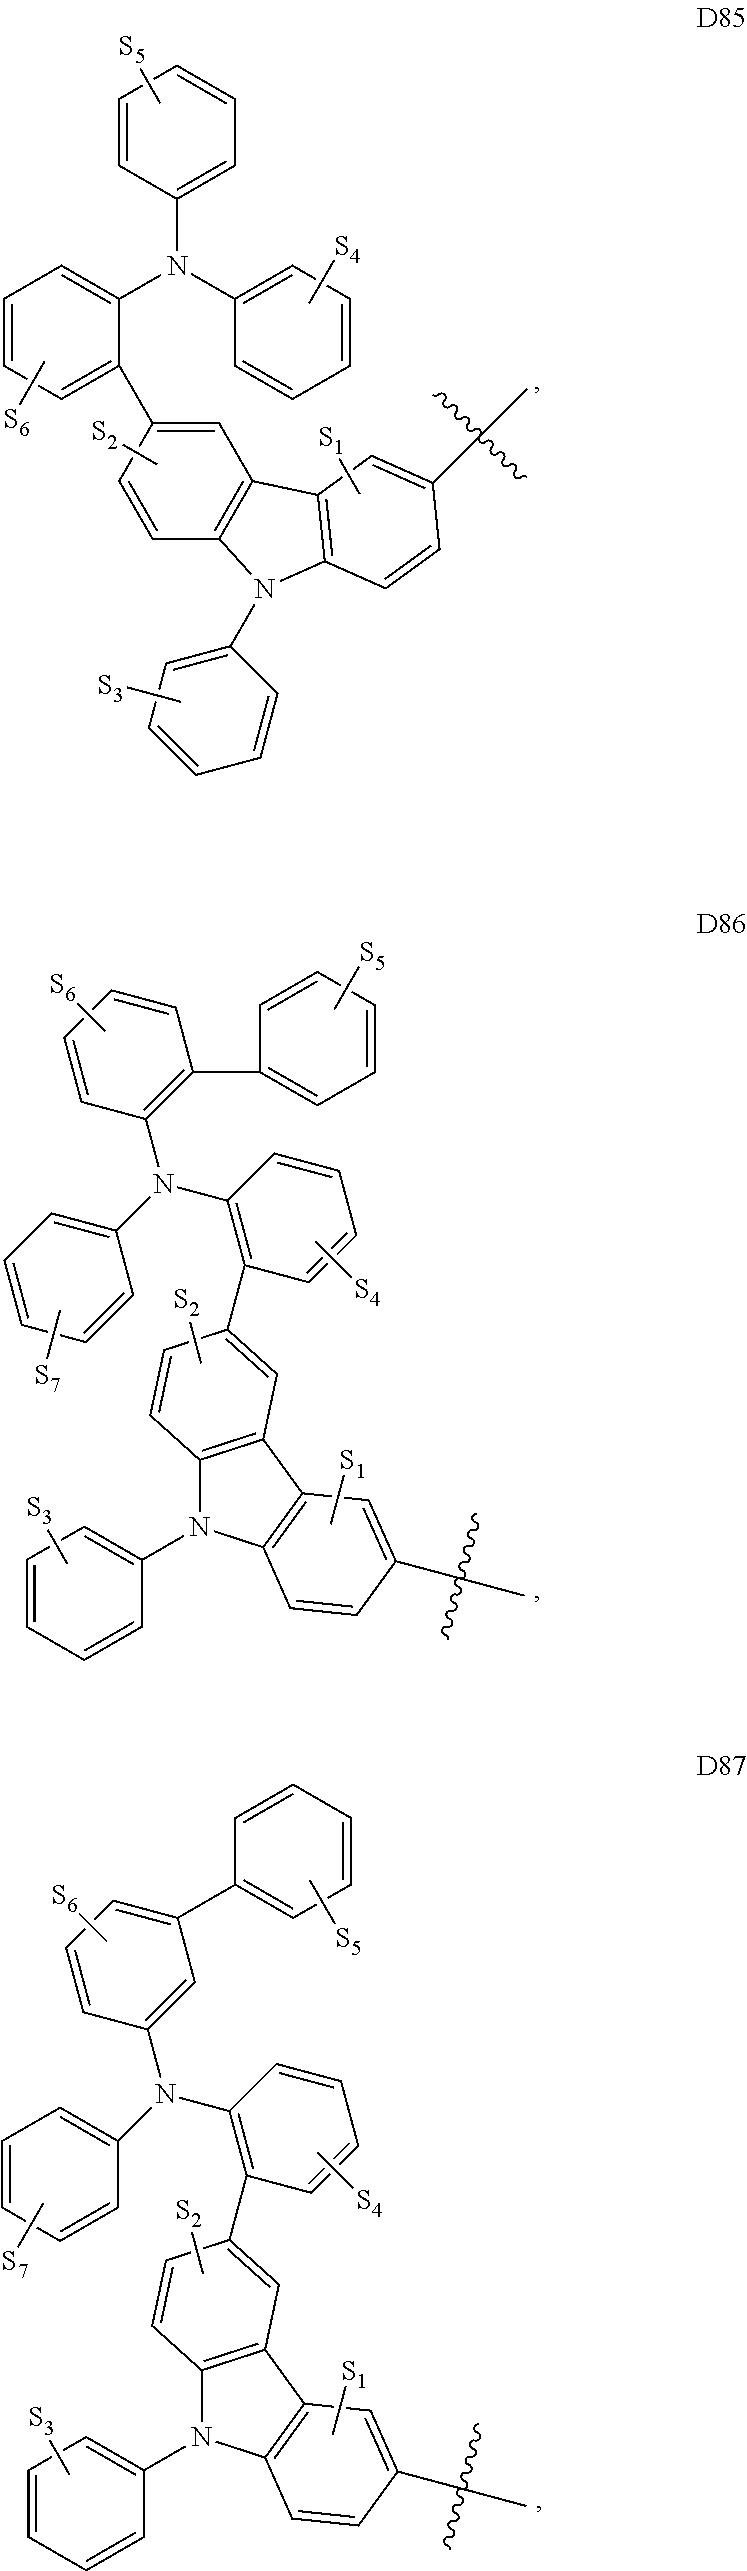 Figure US09537106-20170103-C00035